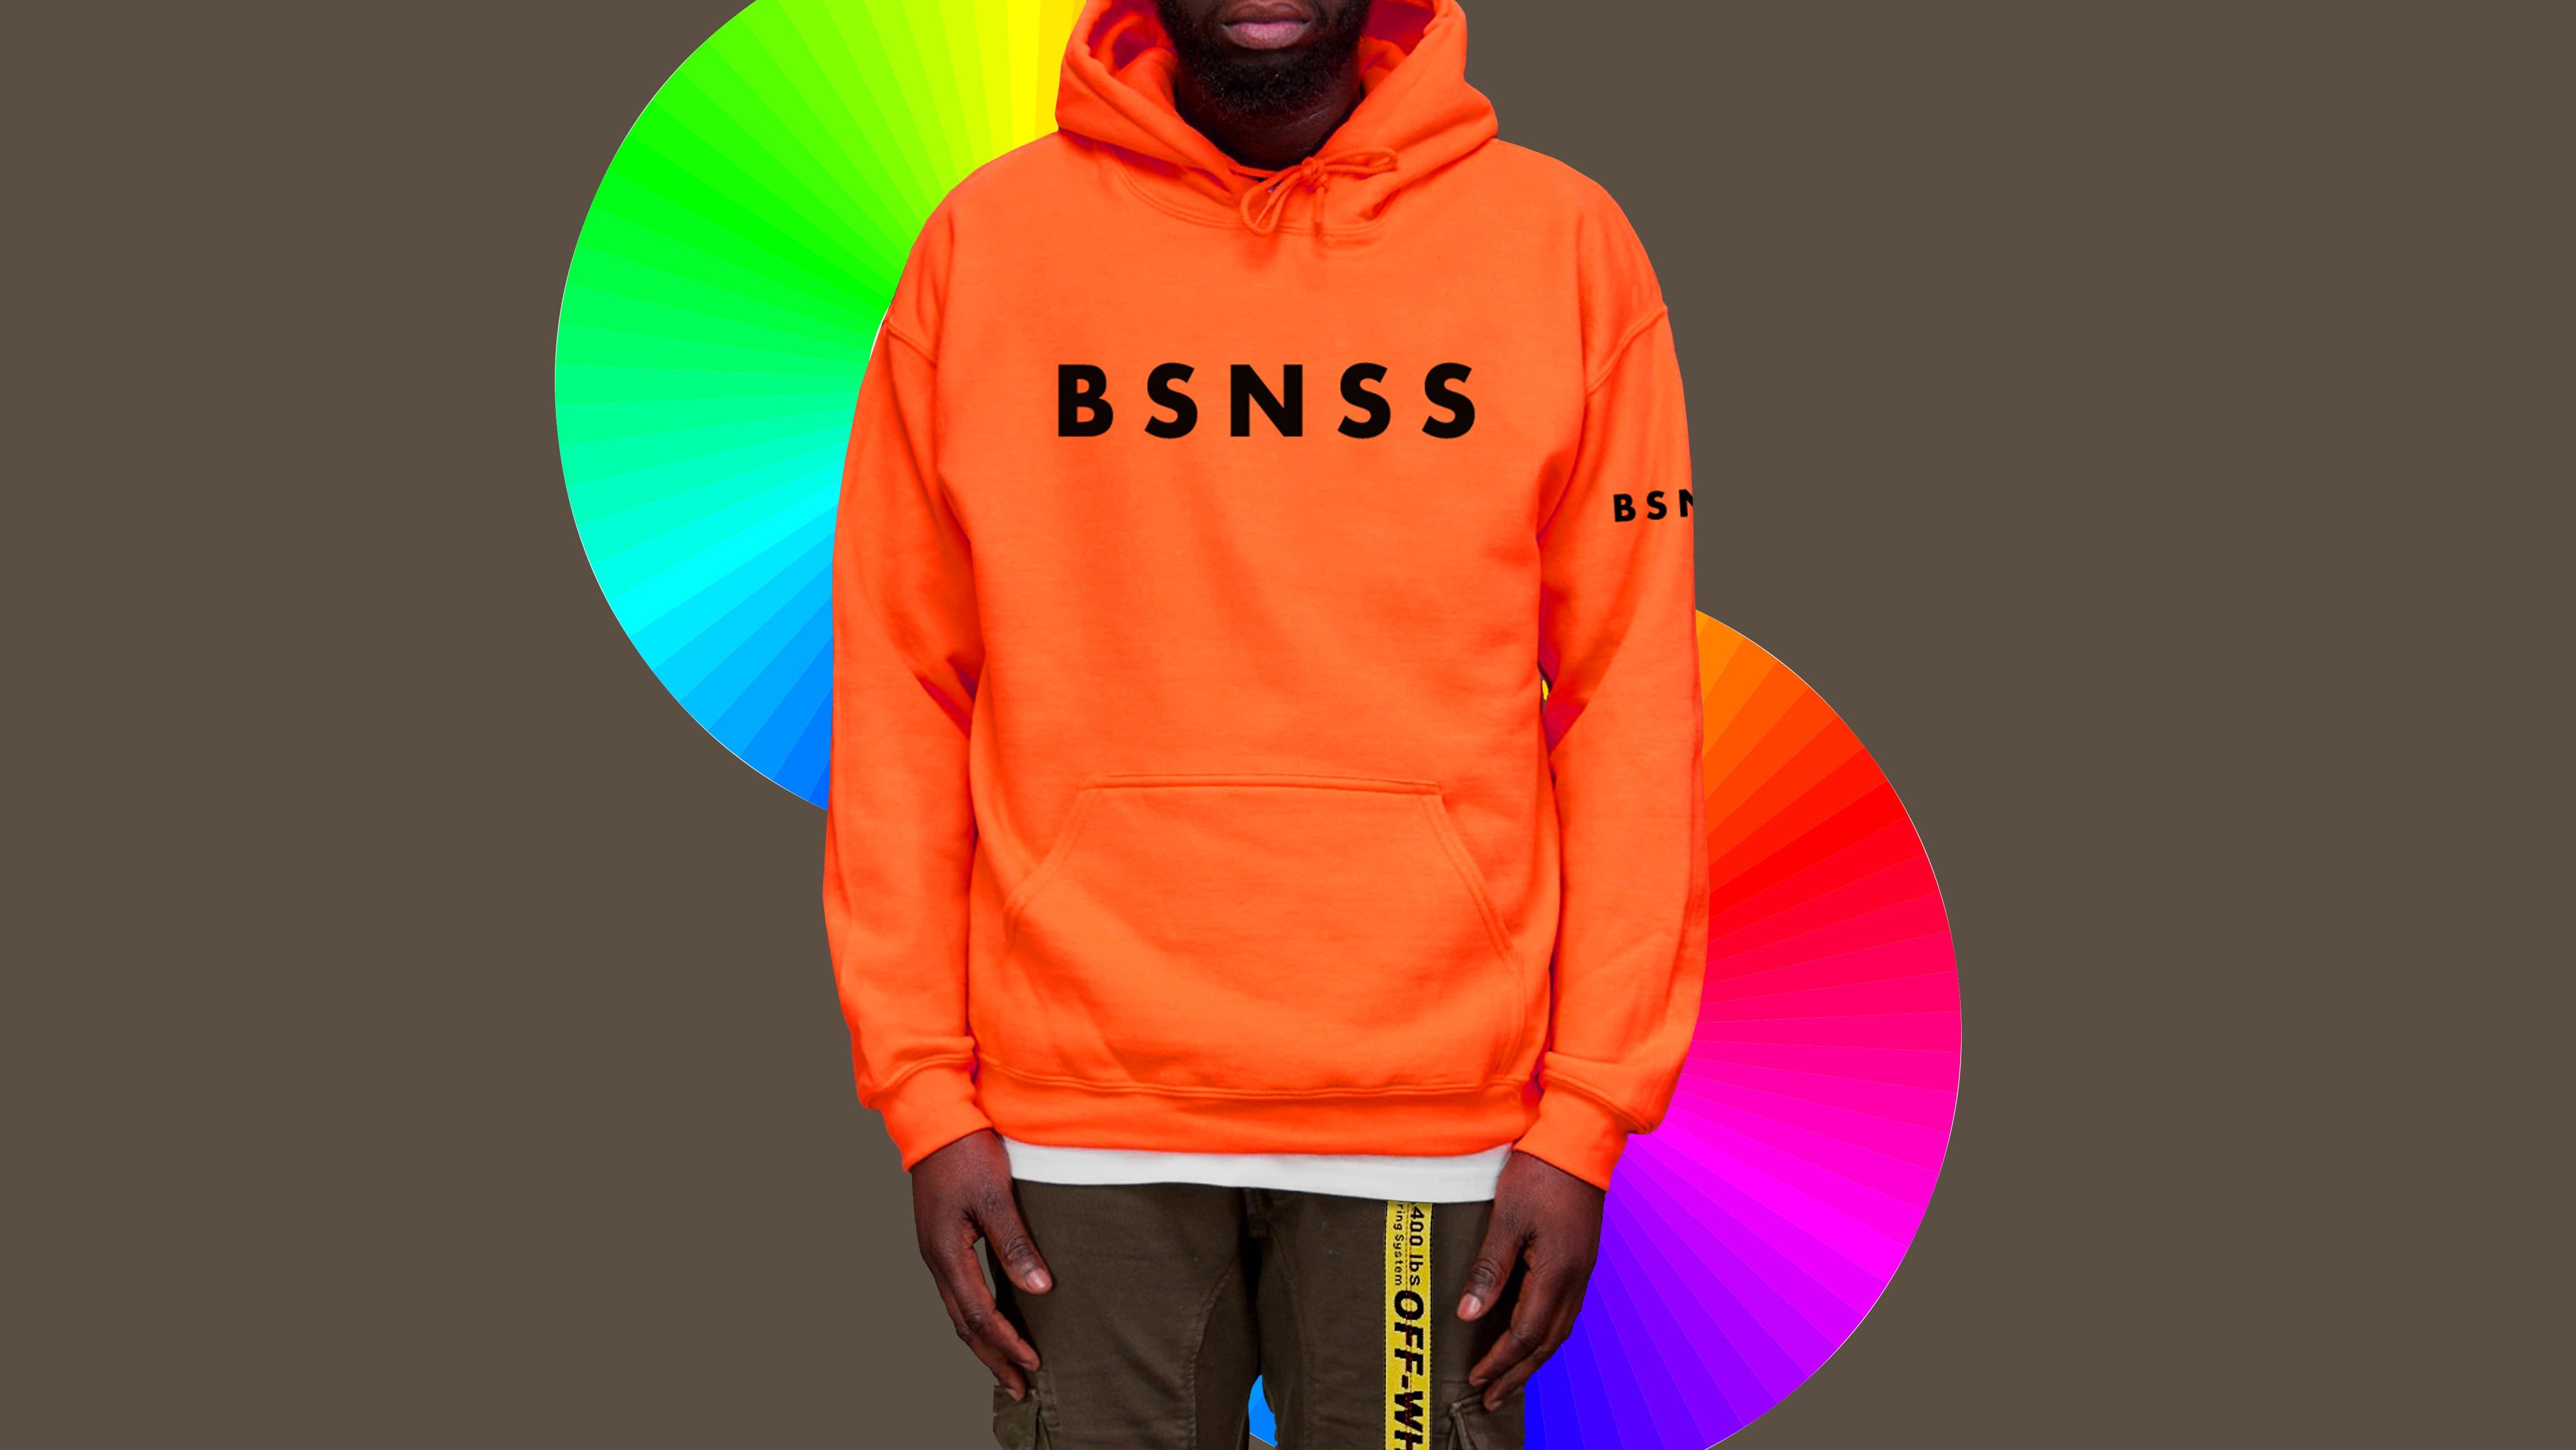 BSNSS